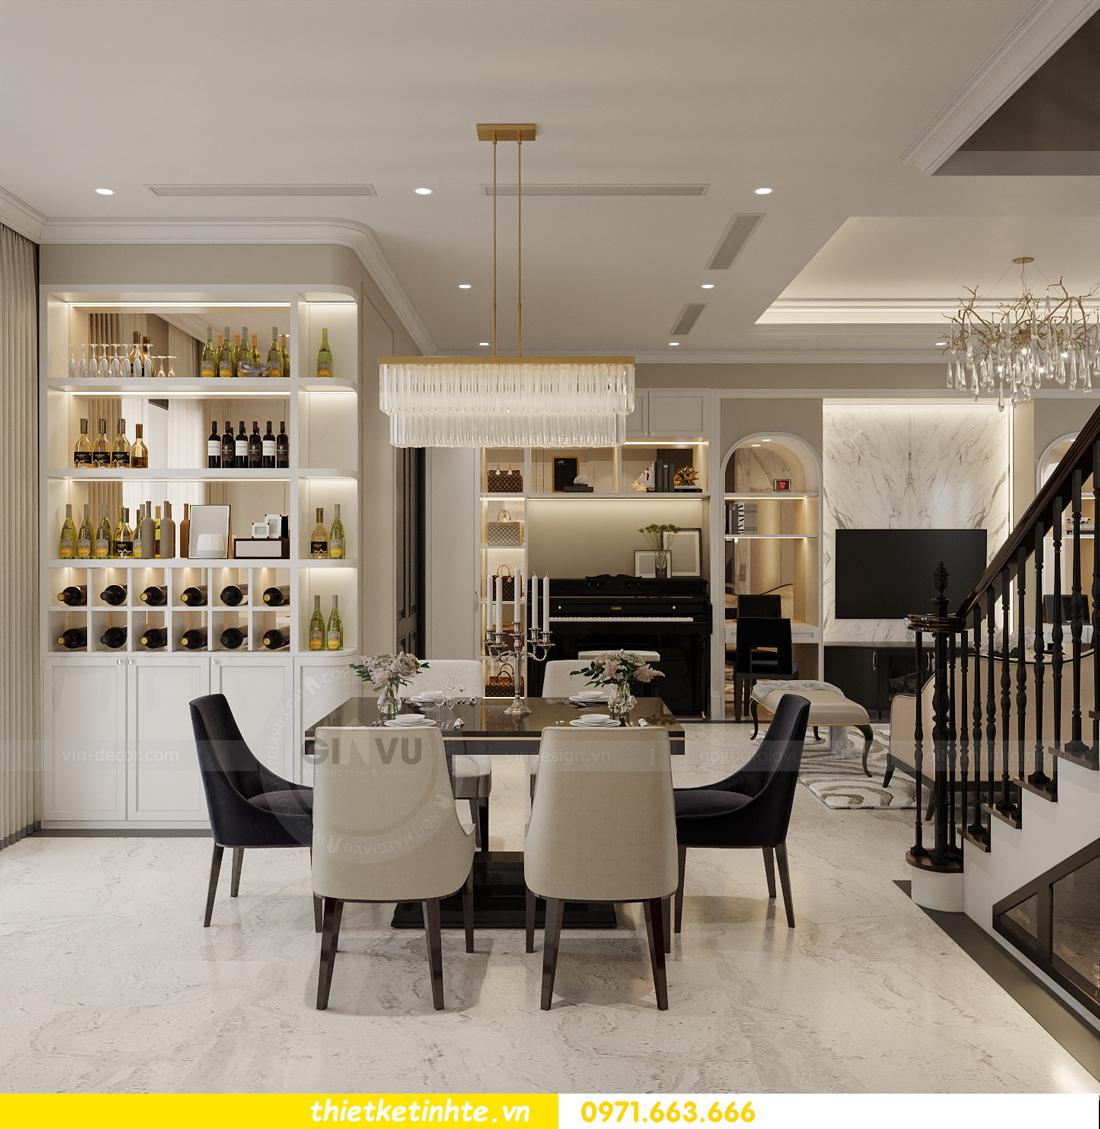 Thiết kế nội thất biệt thự Sao Biển 02-29 Ocean Park căn 90m2 4